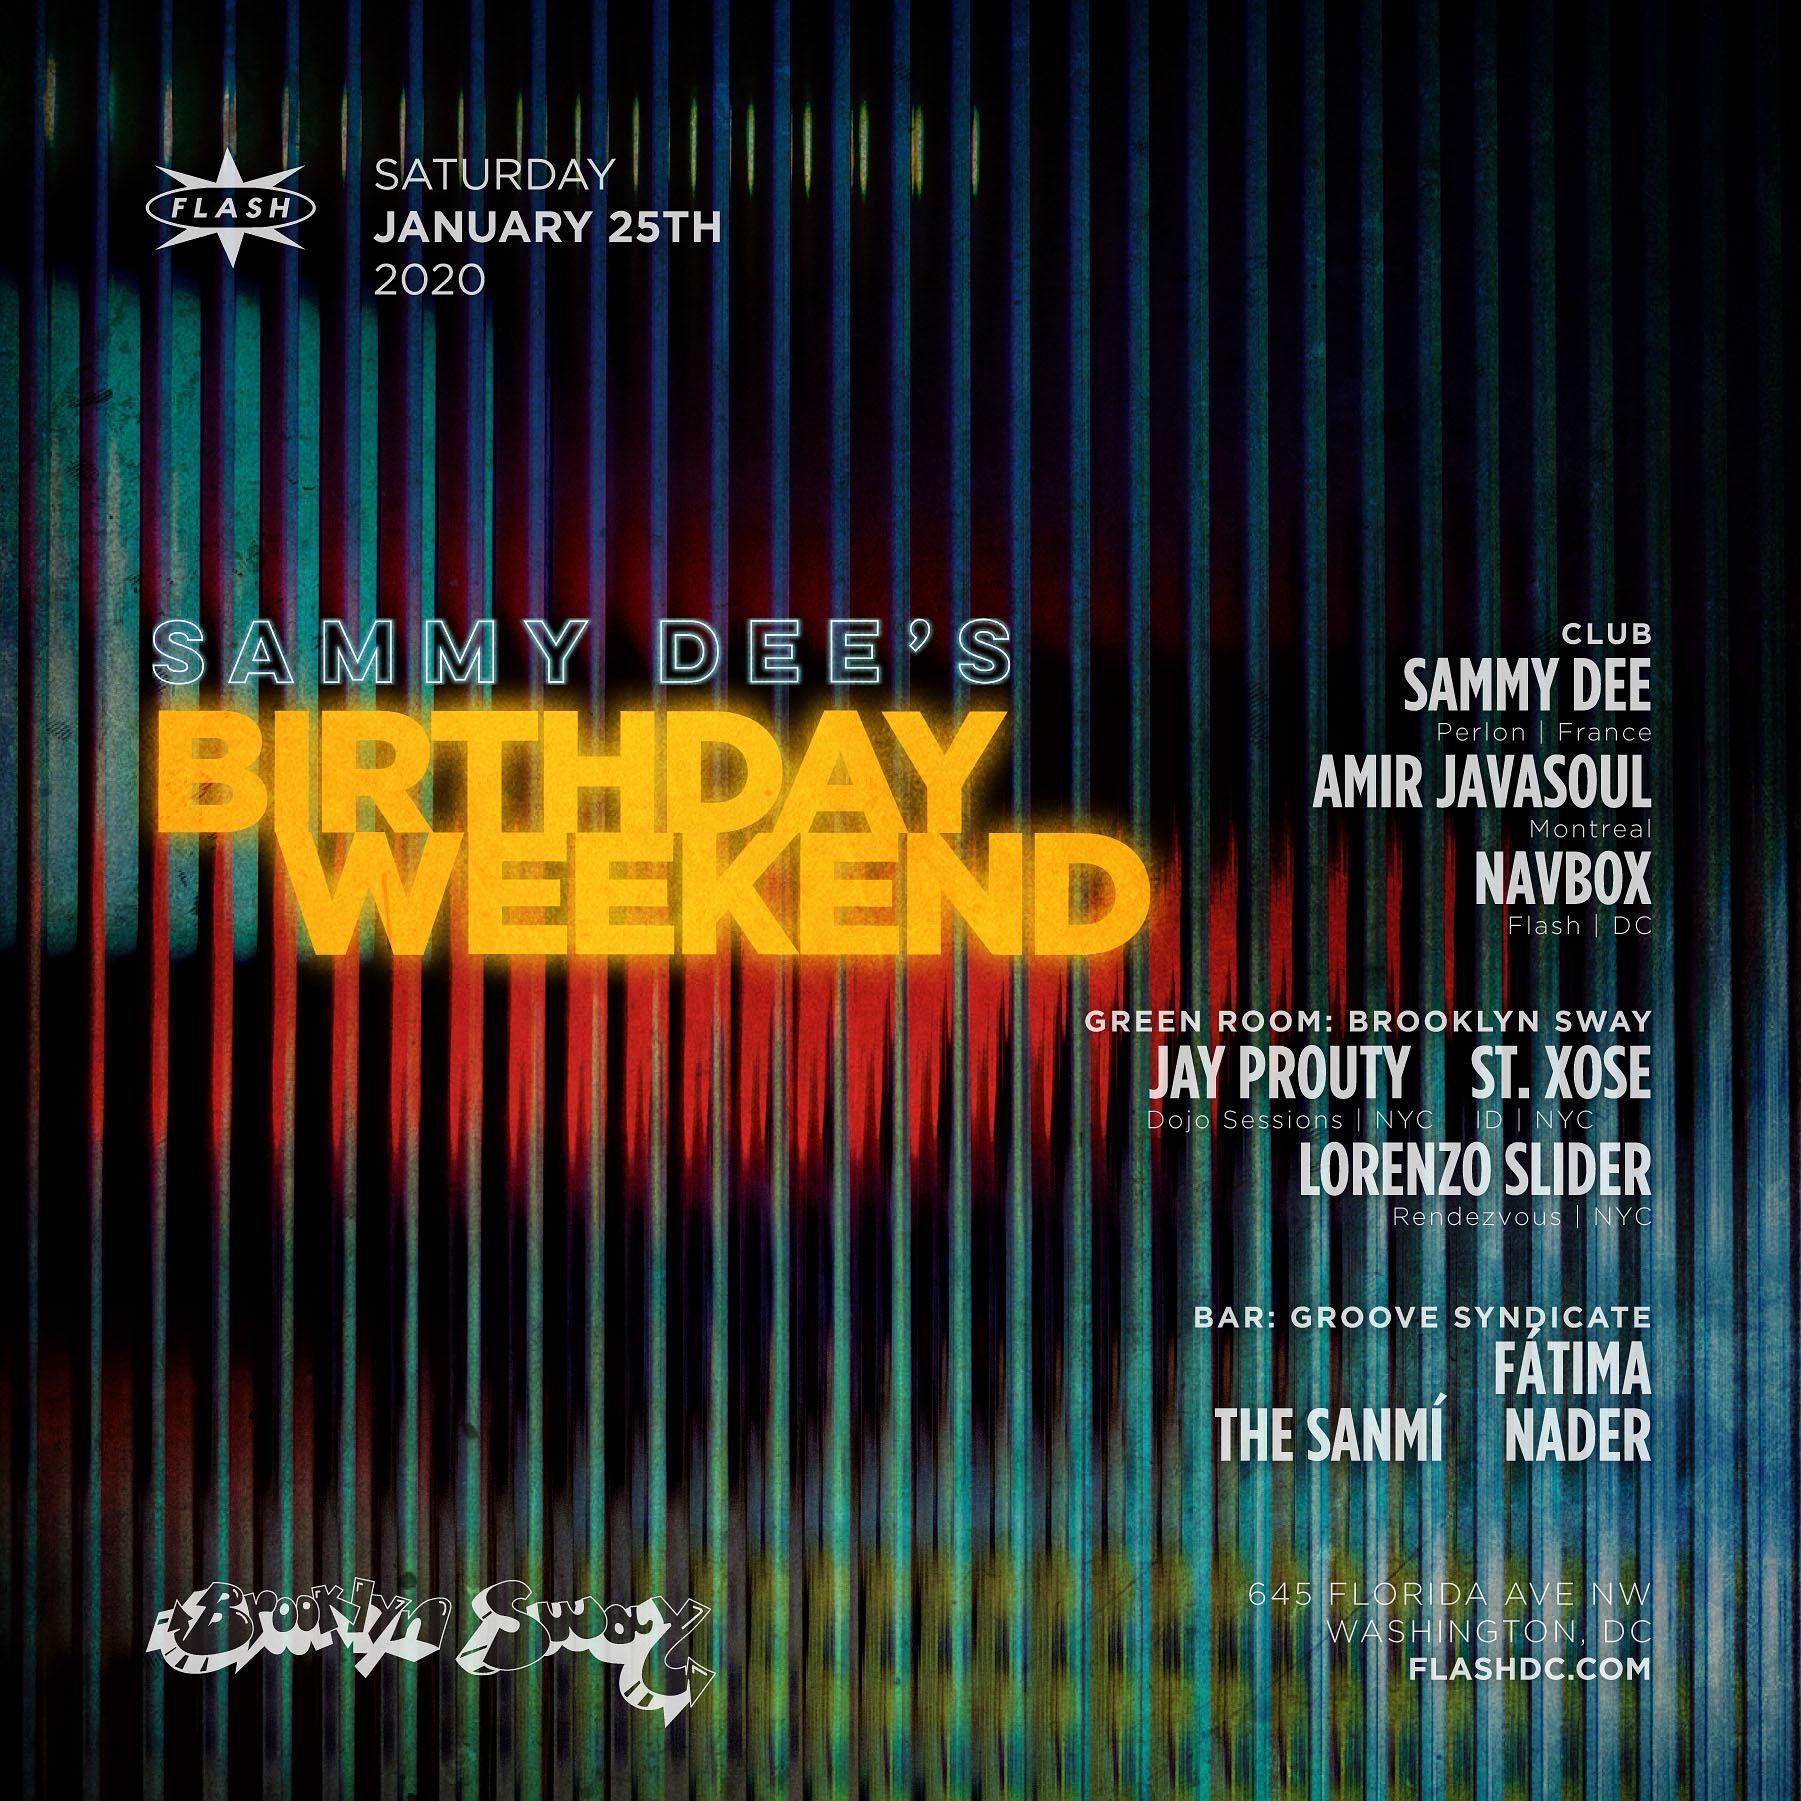 Sammy Dee - Amir Javasoul - Navbox event thumbnail